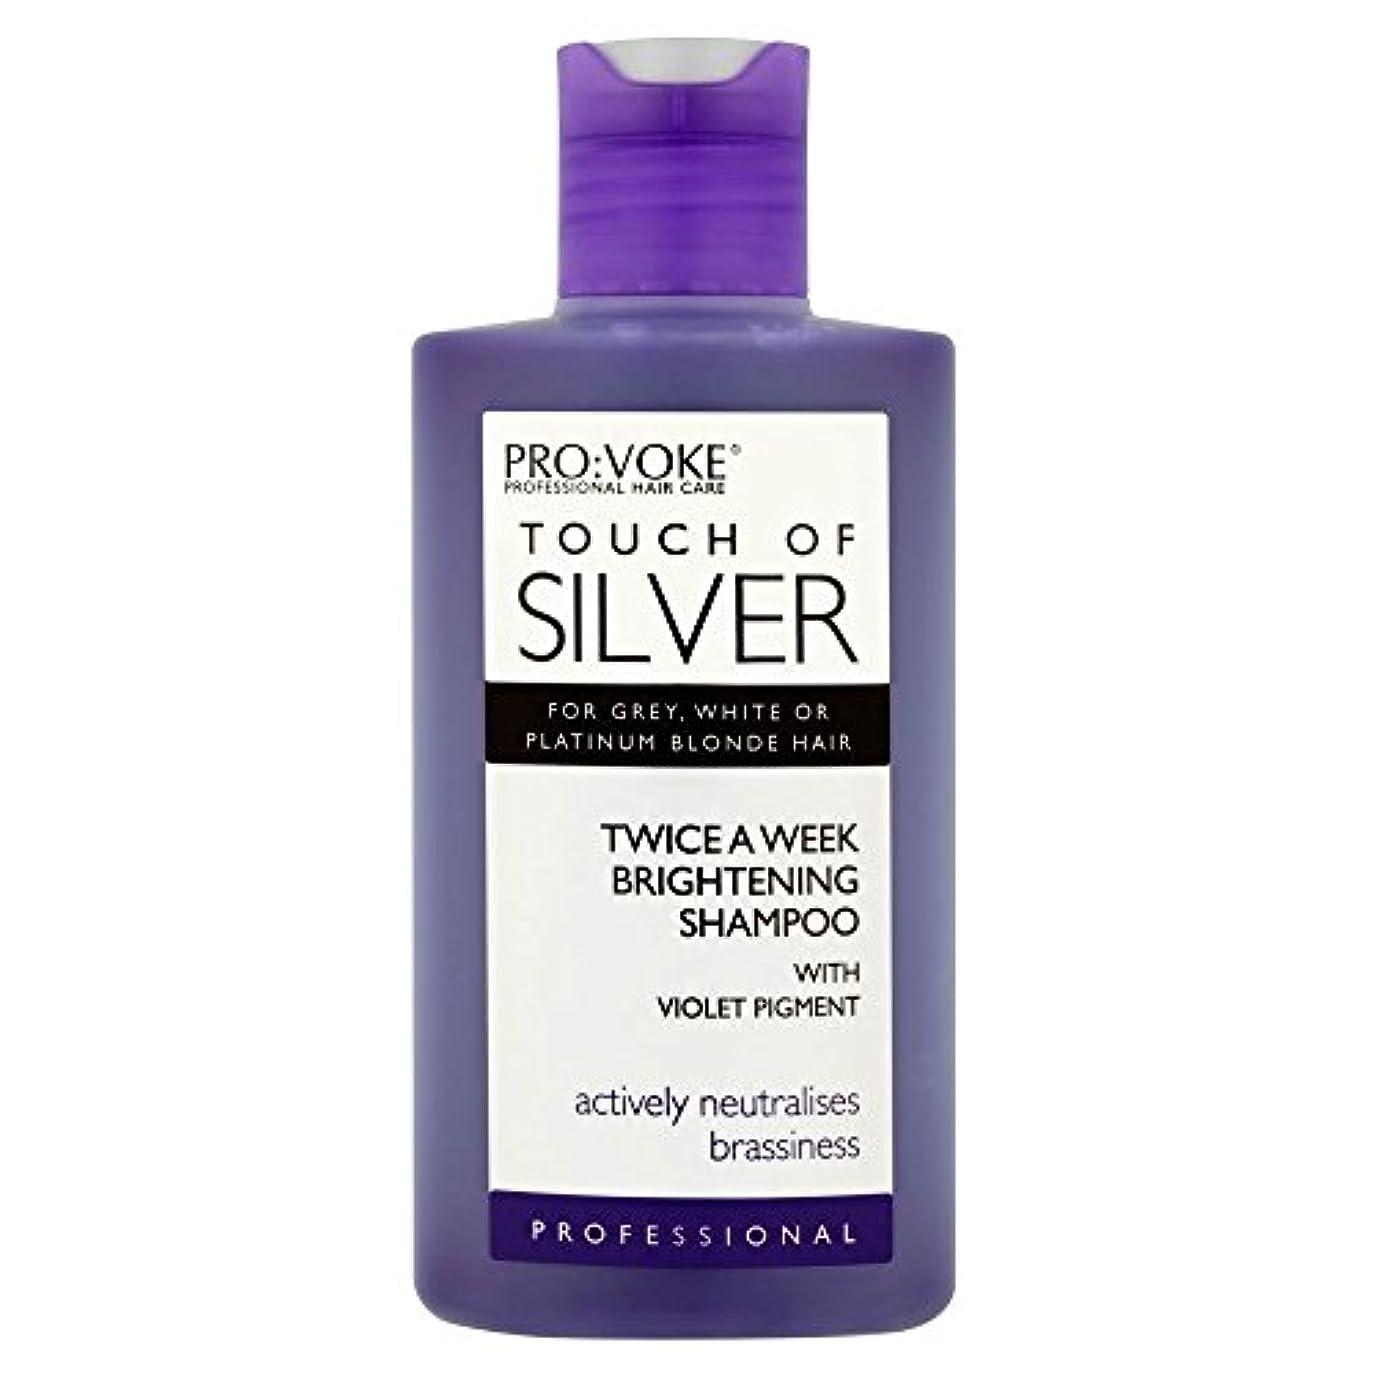 紳士ループ口Pro:voke Touch of Silver Professional Twice a Week Brightening Shampoo (150ml) プロ:プロの銀二回週白シャンプーのvokeタッチ( 150ミリリットル) [並行輸入品]